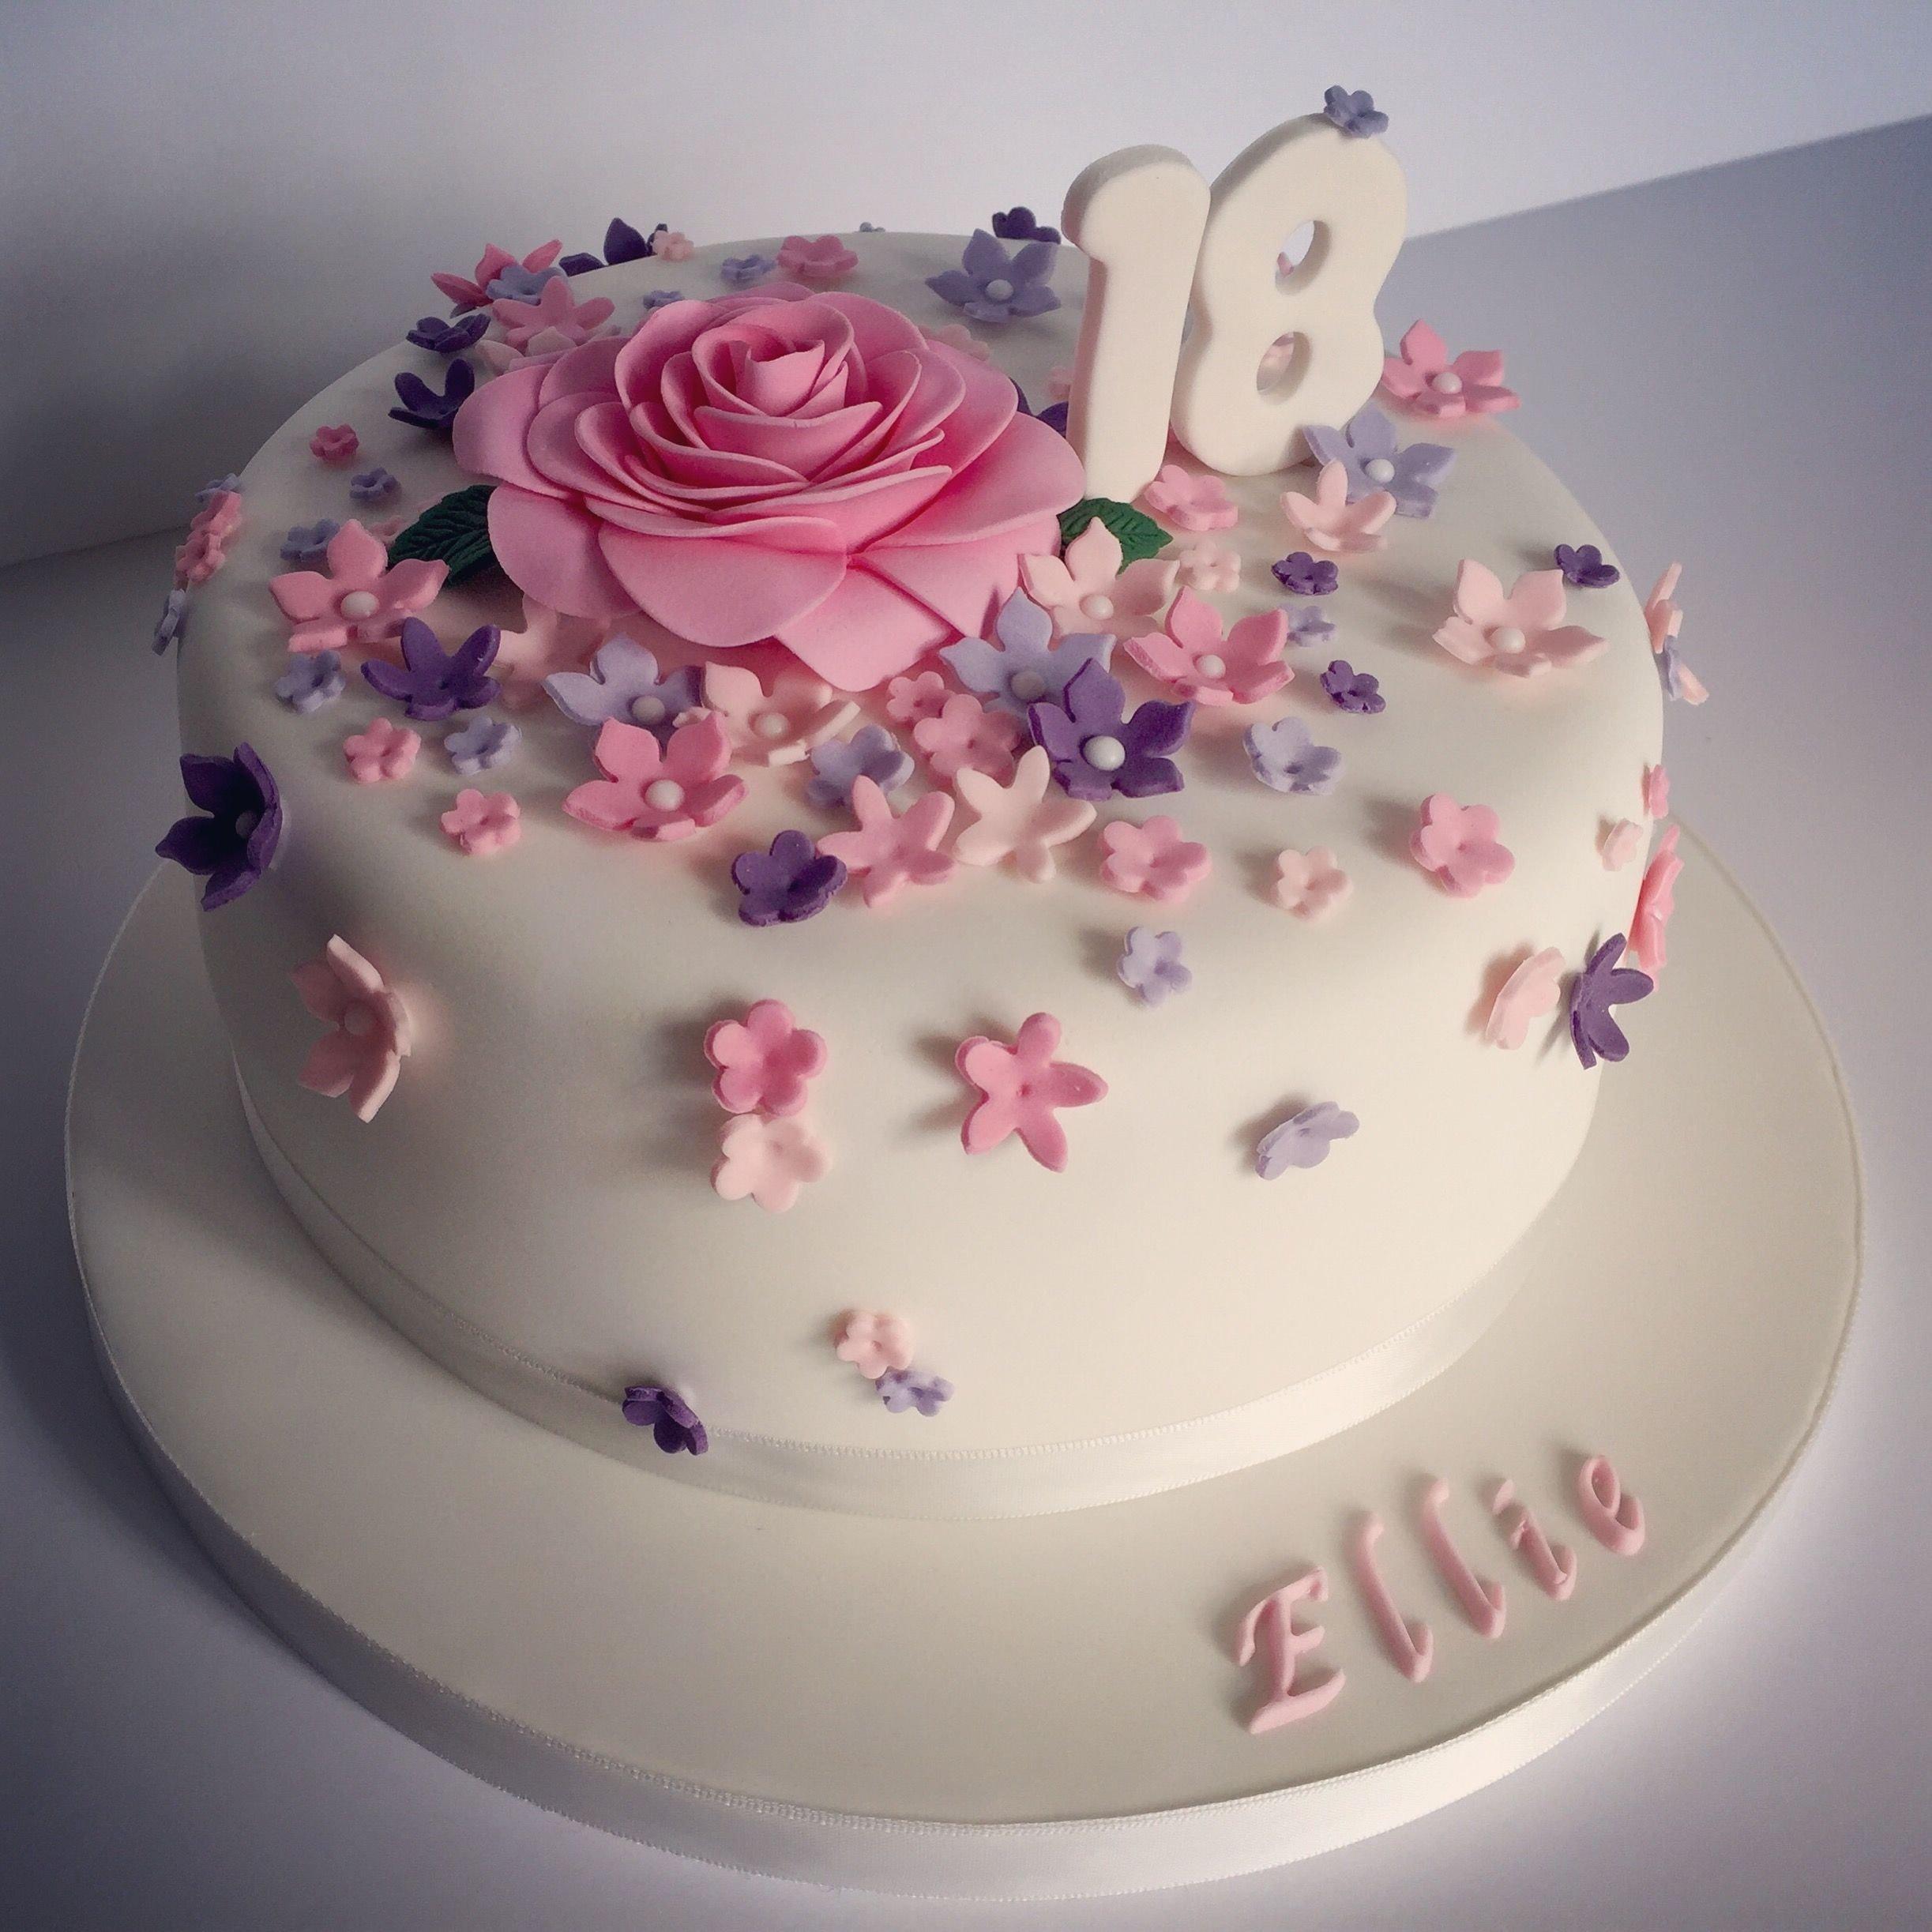 10 Pretty Birthday Cake Ideas For Girls pretty 18th birthday cake for pretty girl designelina prawito 2021